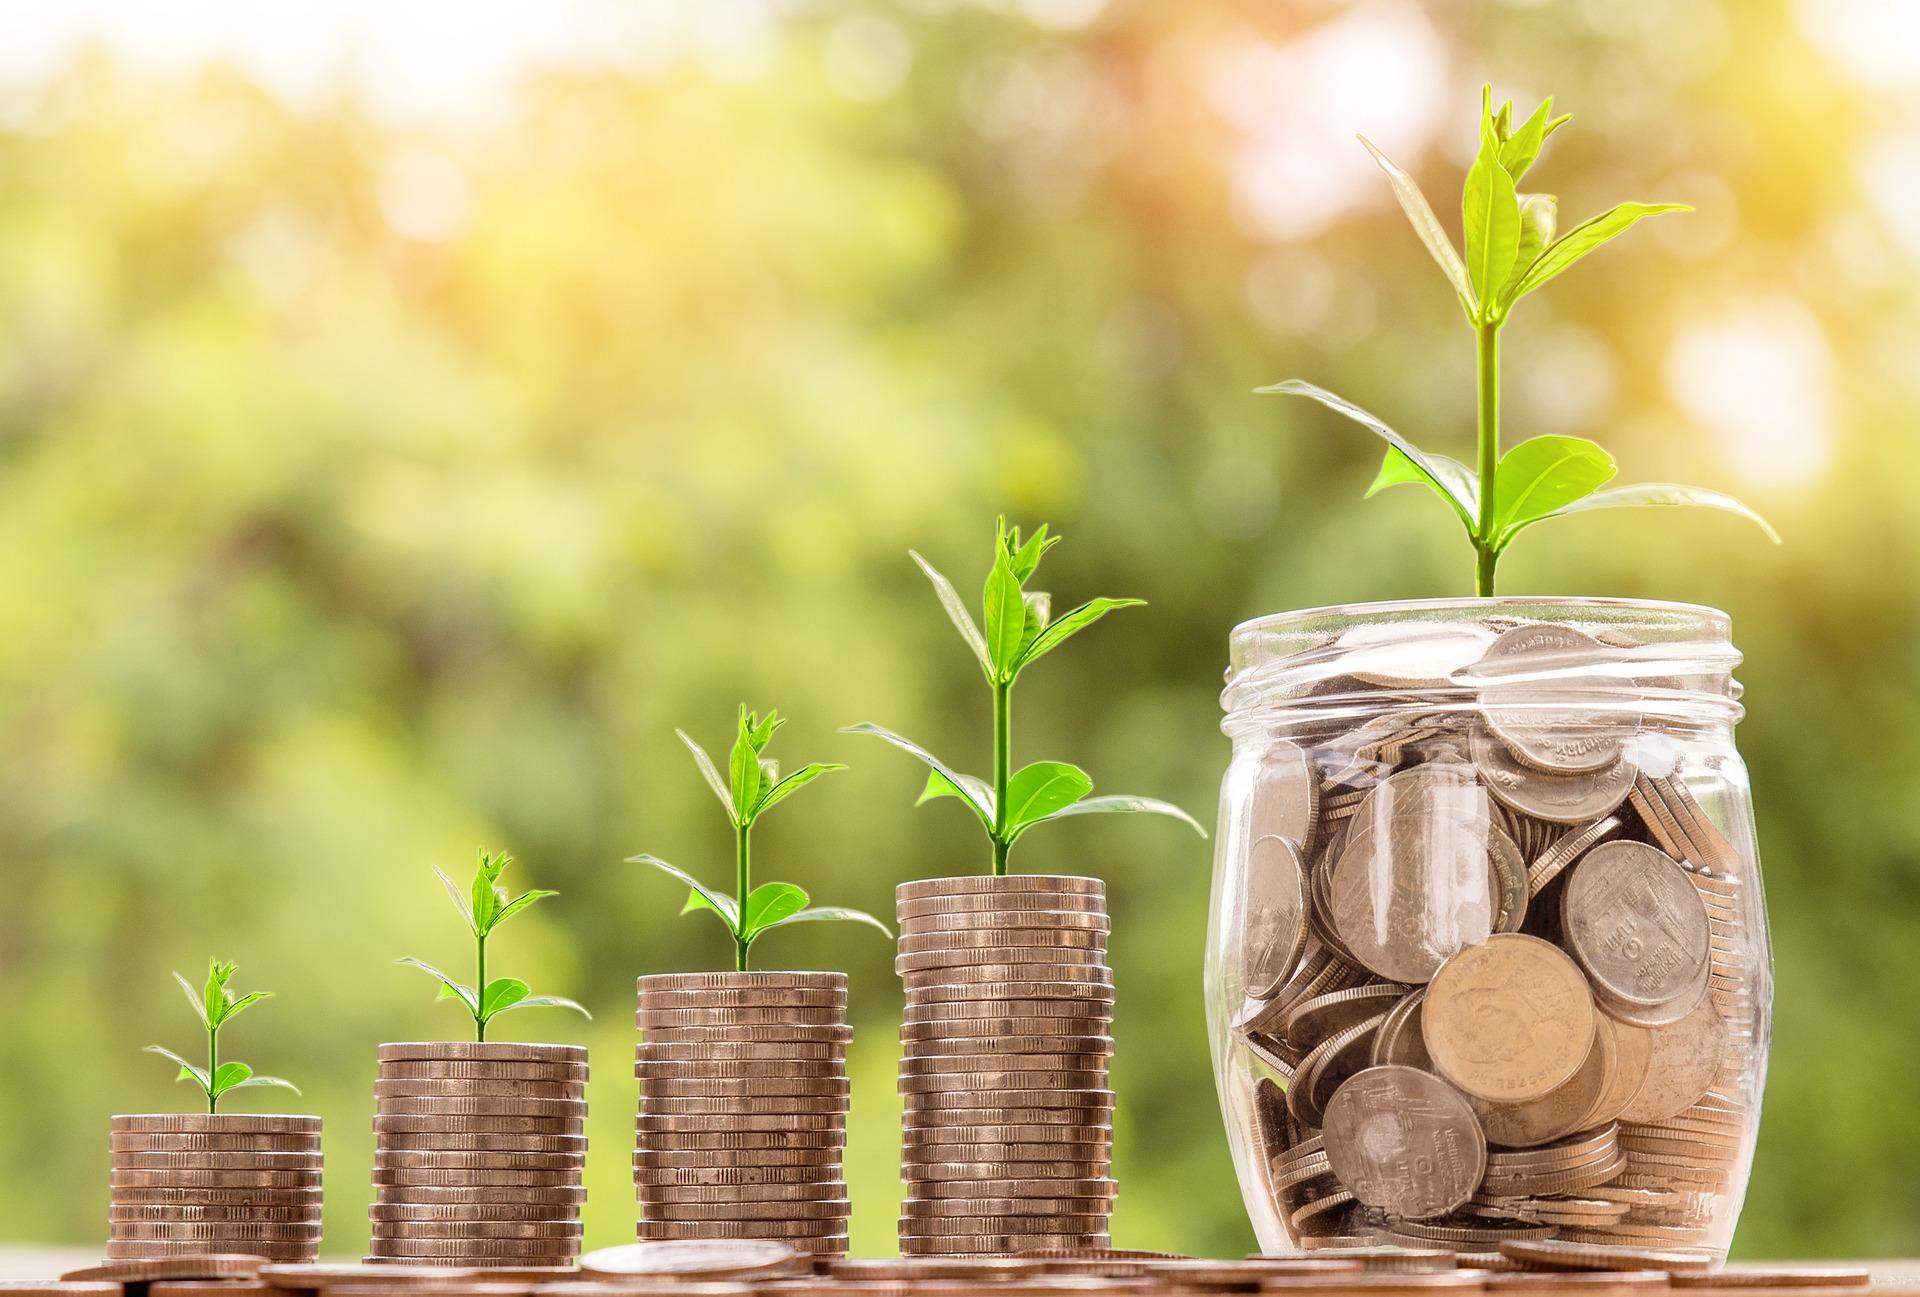 Nest 2018 Financial Report